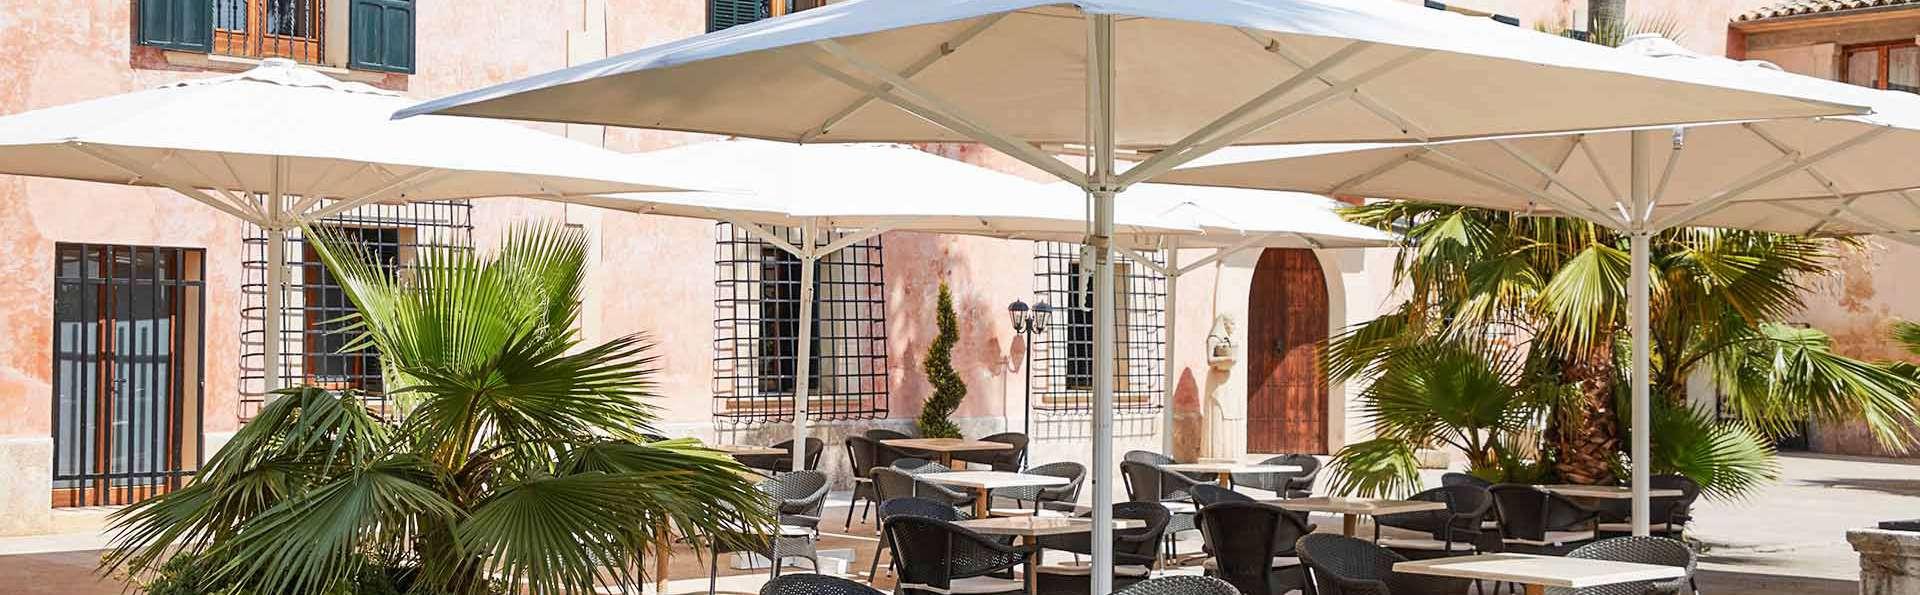 Virrey Finca Hotel - EDIT_Hotel-virrey-finca-hotel_07.jpg